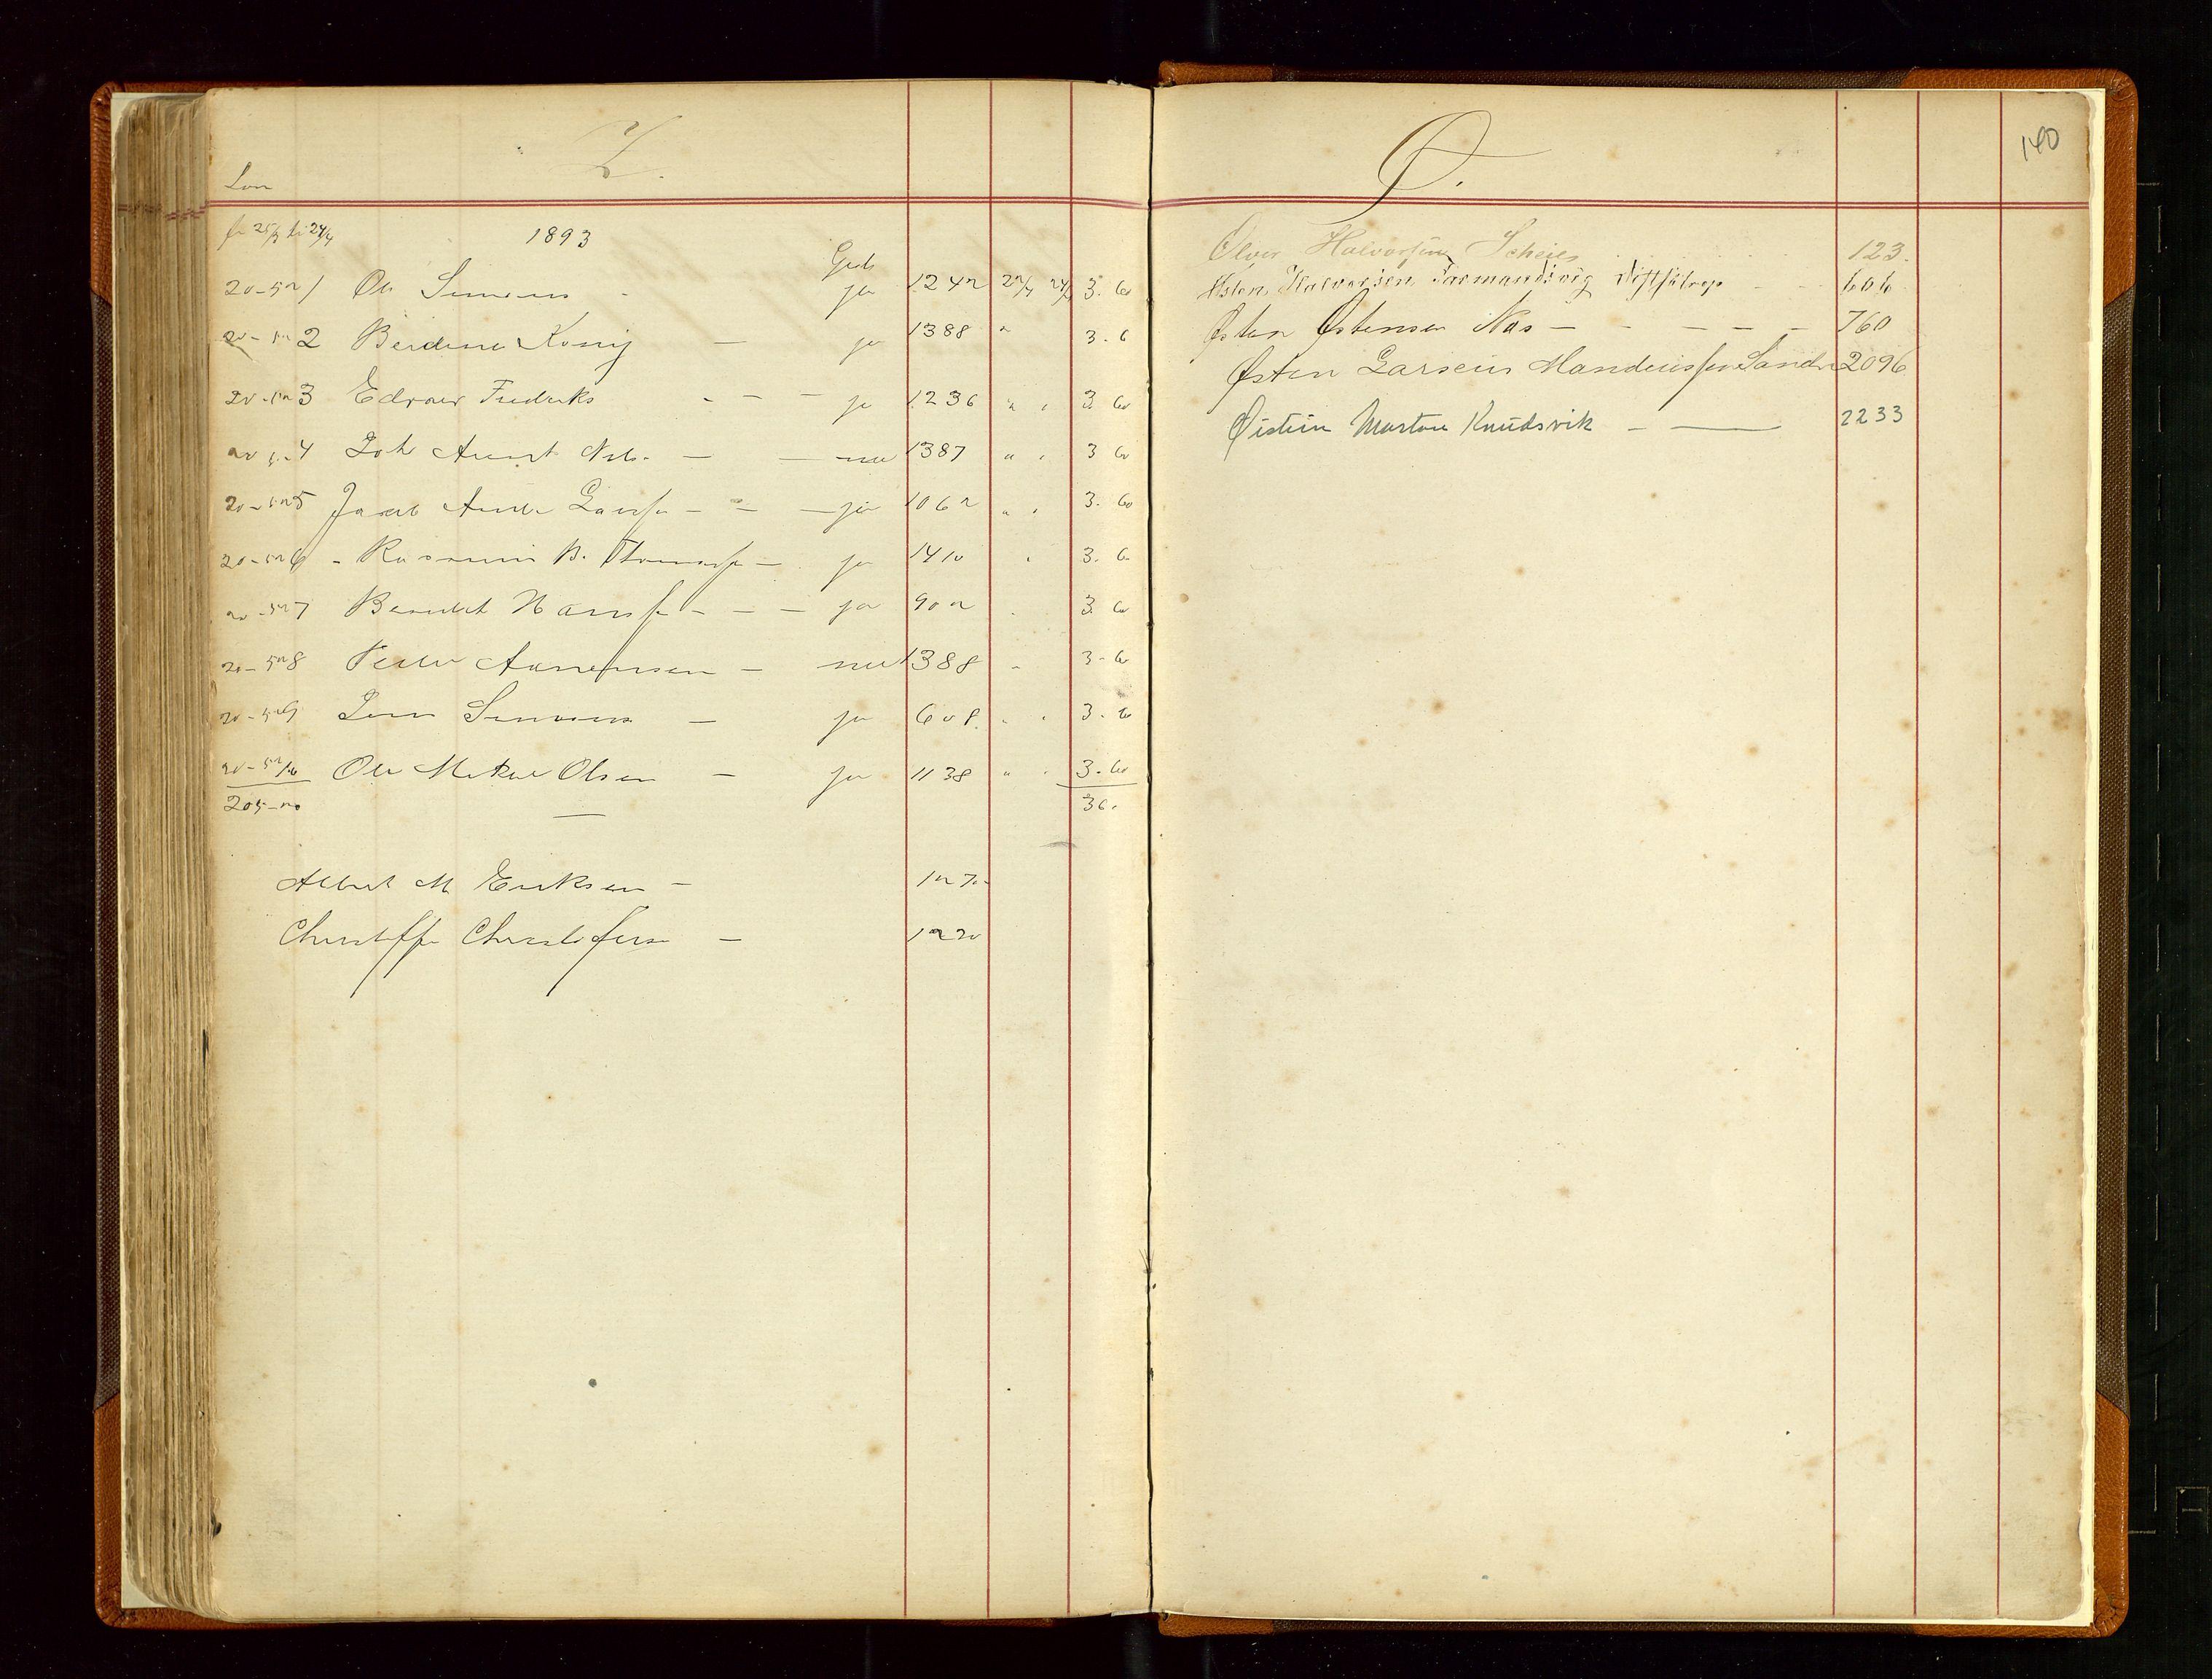 SAST, Haugesund sjømannskontor, F/Fb/Fba/L0003: Navneregister med henvisning til rullenummer (fornavn) Haugesund krets, 1860-1948, s. 140